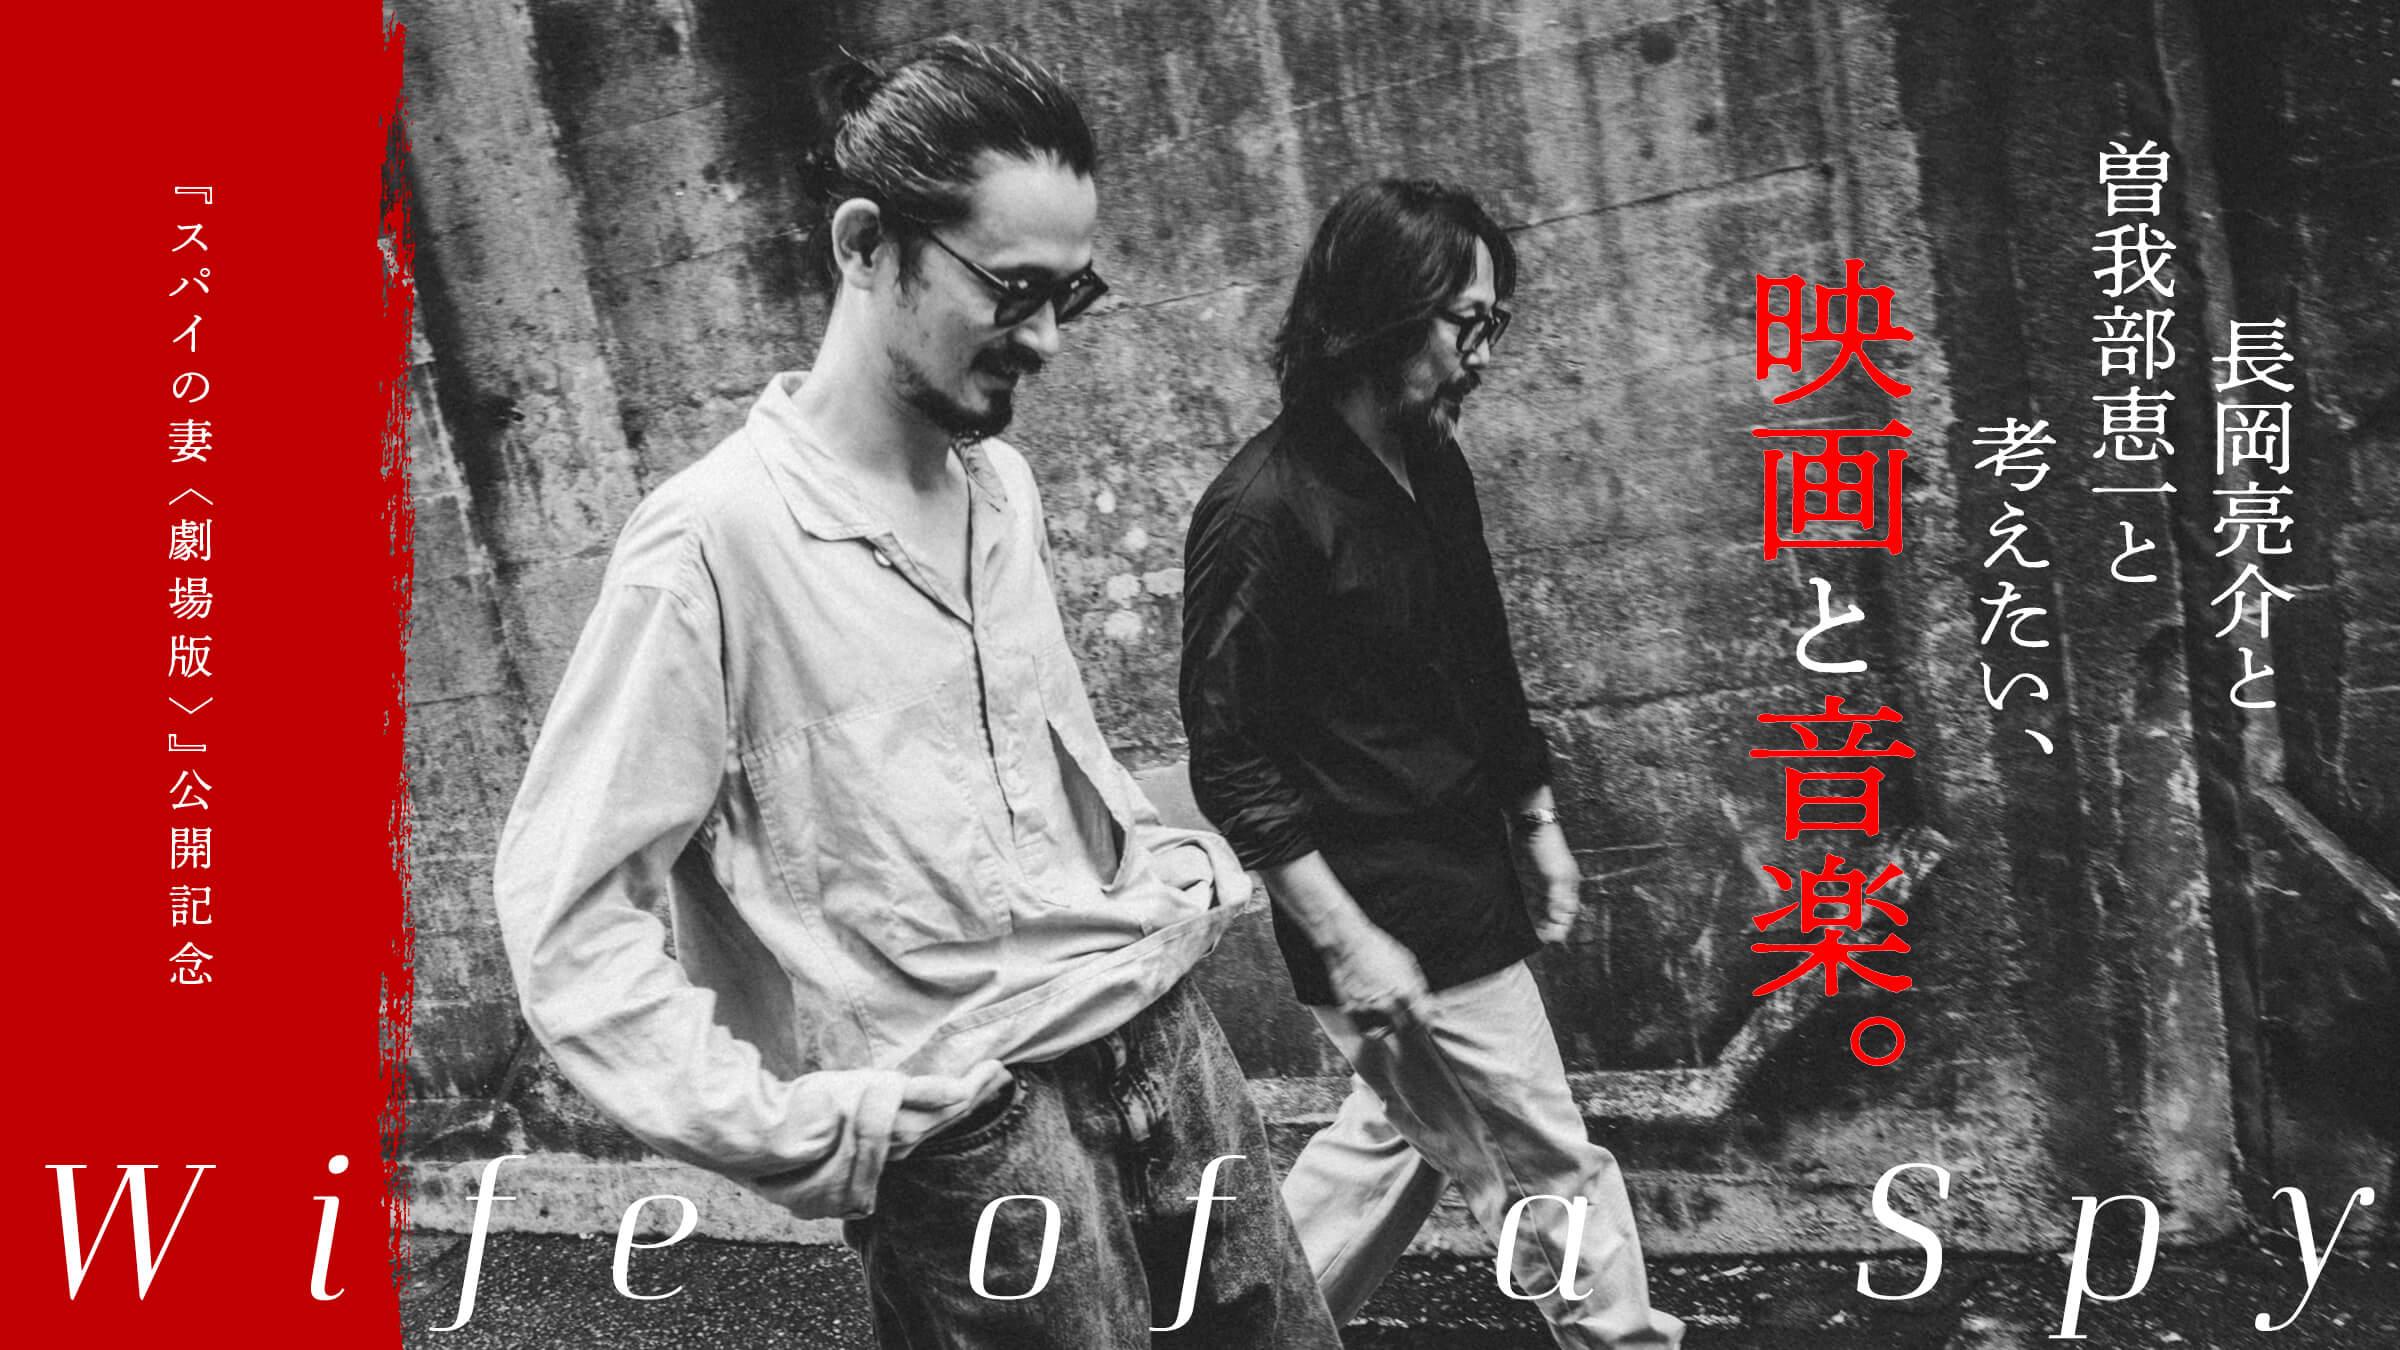 『スパイの妻<劇場版>』公開記念長岡亮介と曽我部恵一と考えたい、映画と音楽。